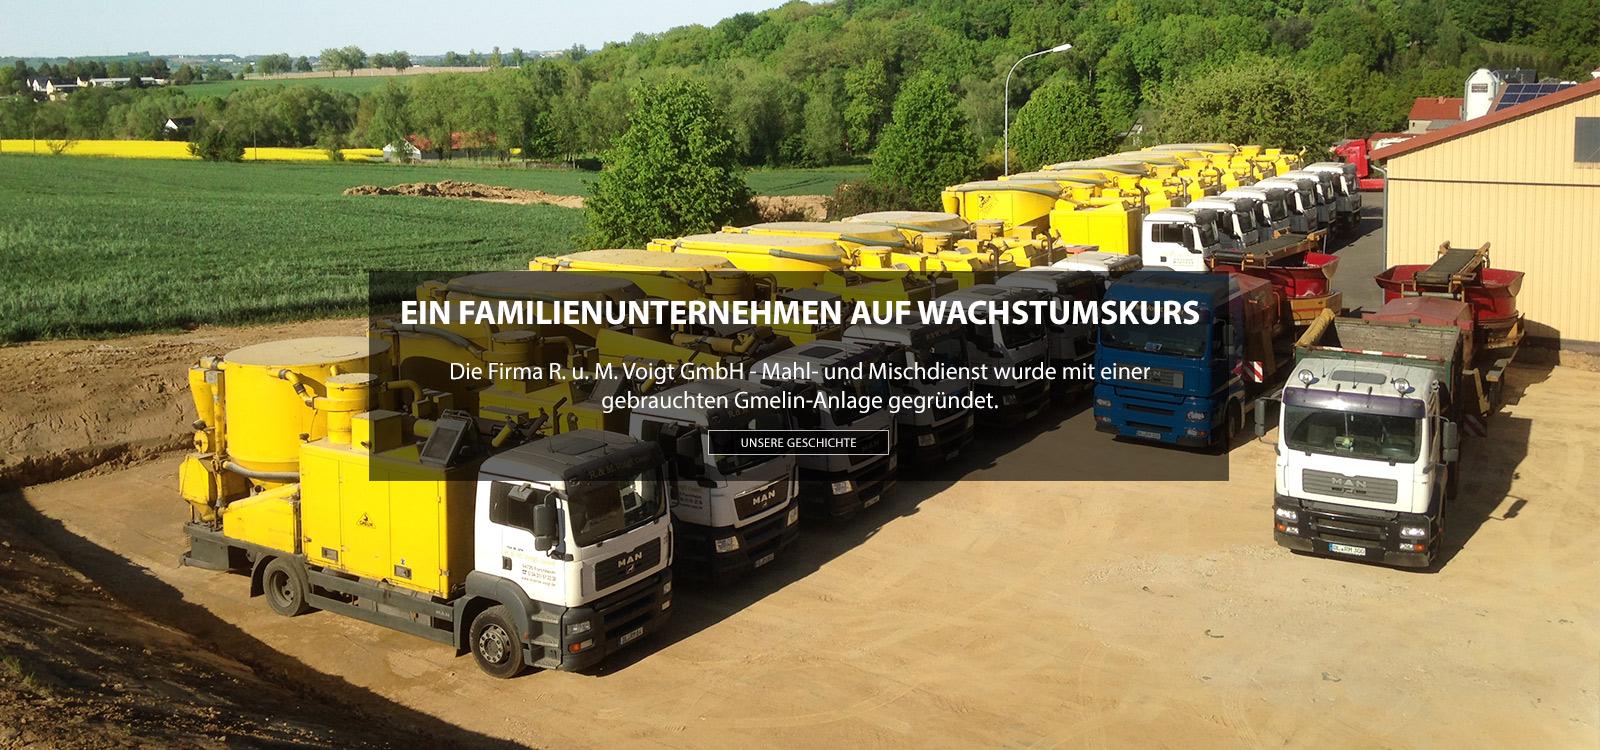 Mahl- und Mischdienst R. & M. Voigt, Geschichte